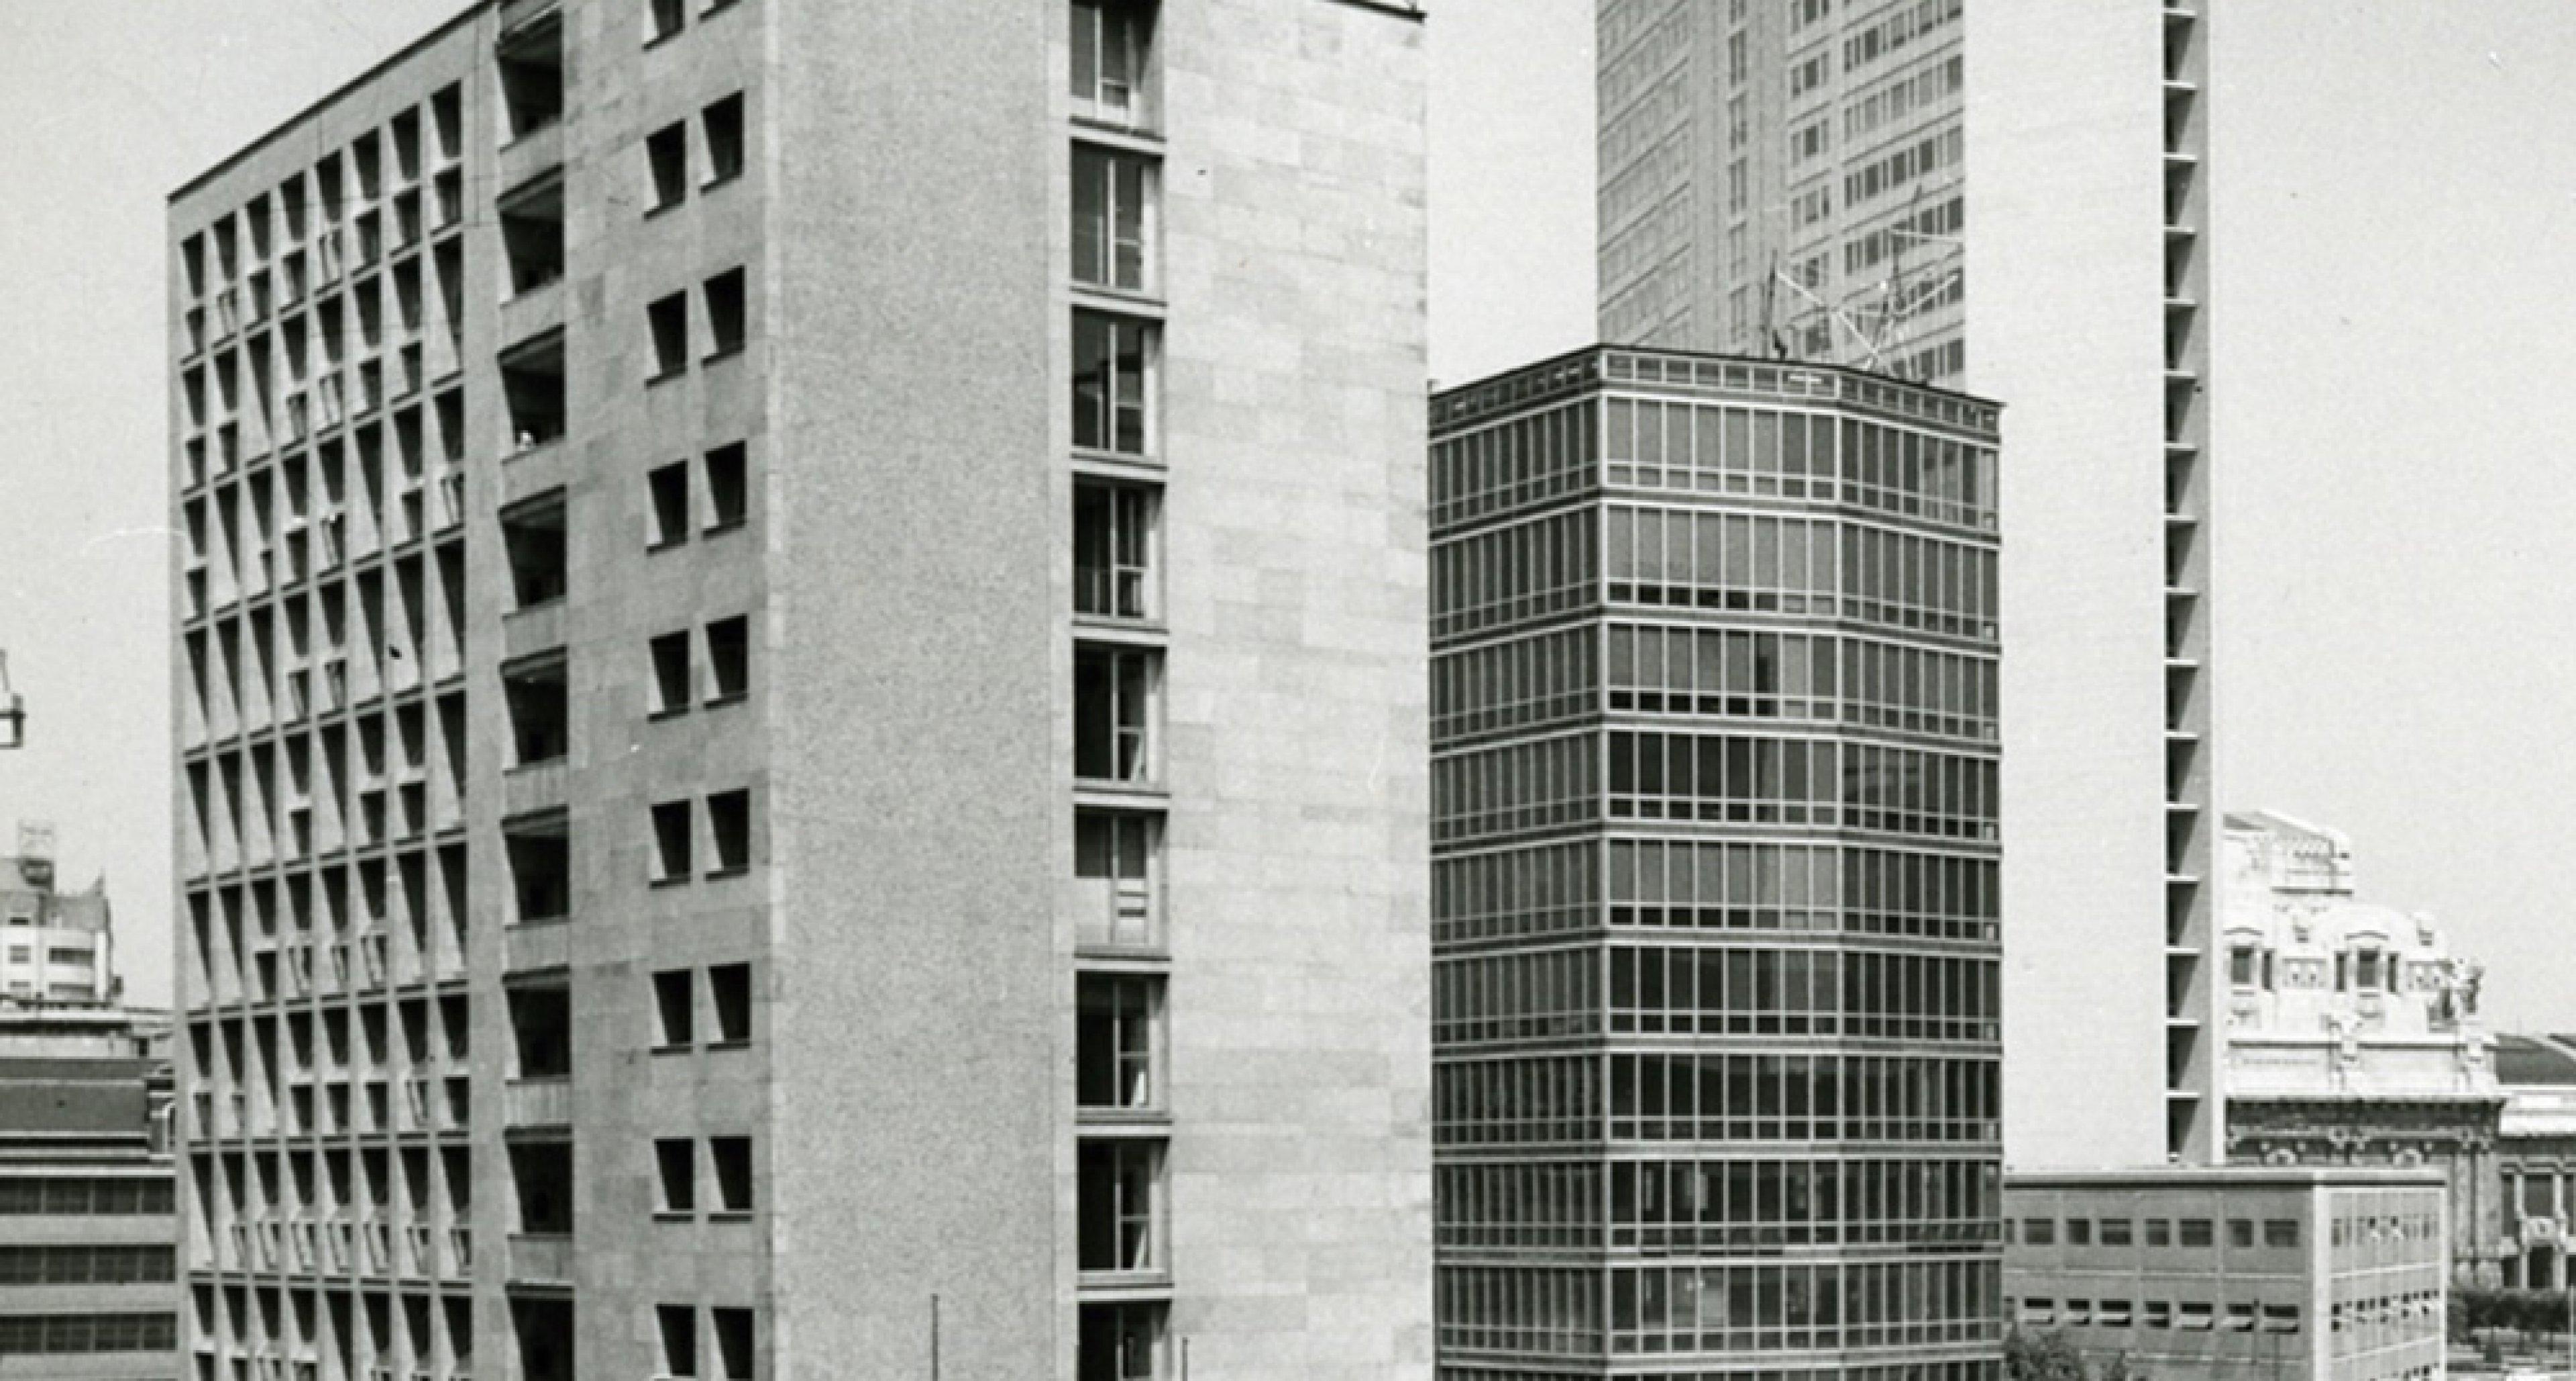 Pirelli Tower — Milan 1960 © Paolo Monti, Milano, 1965